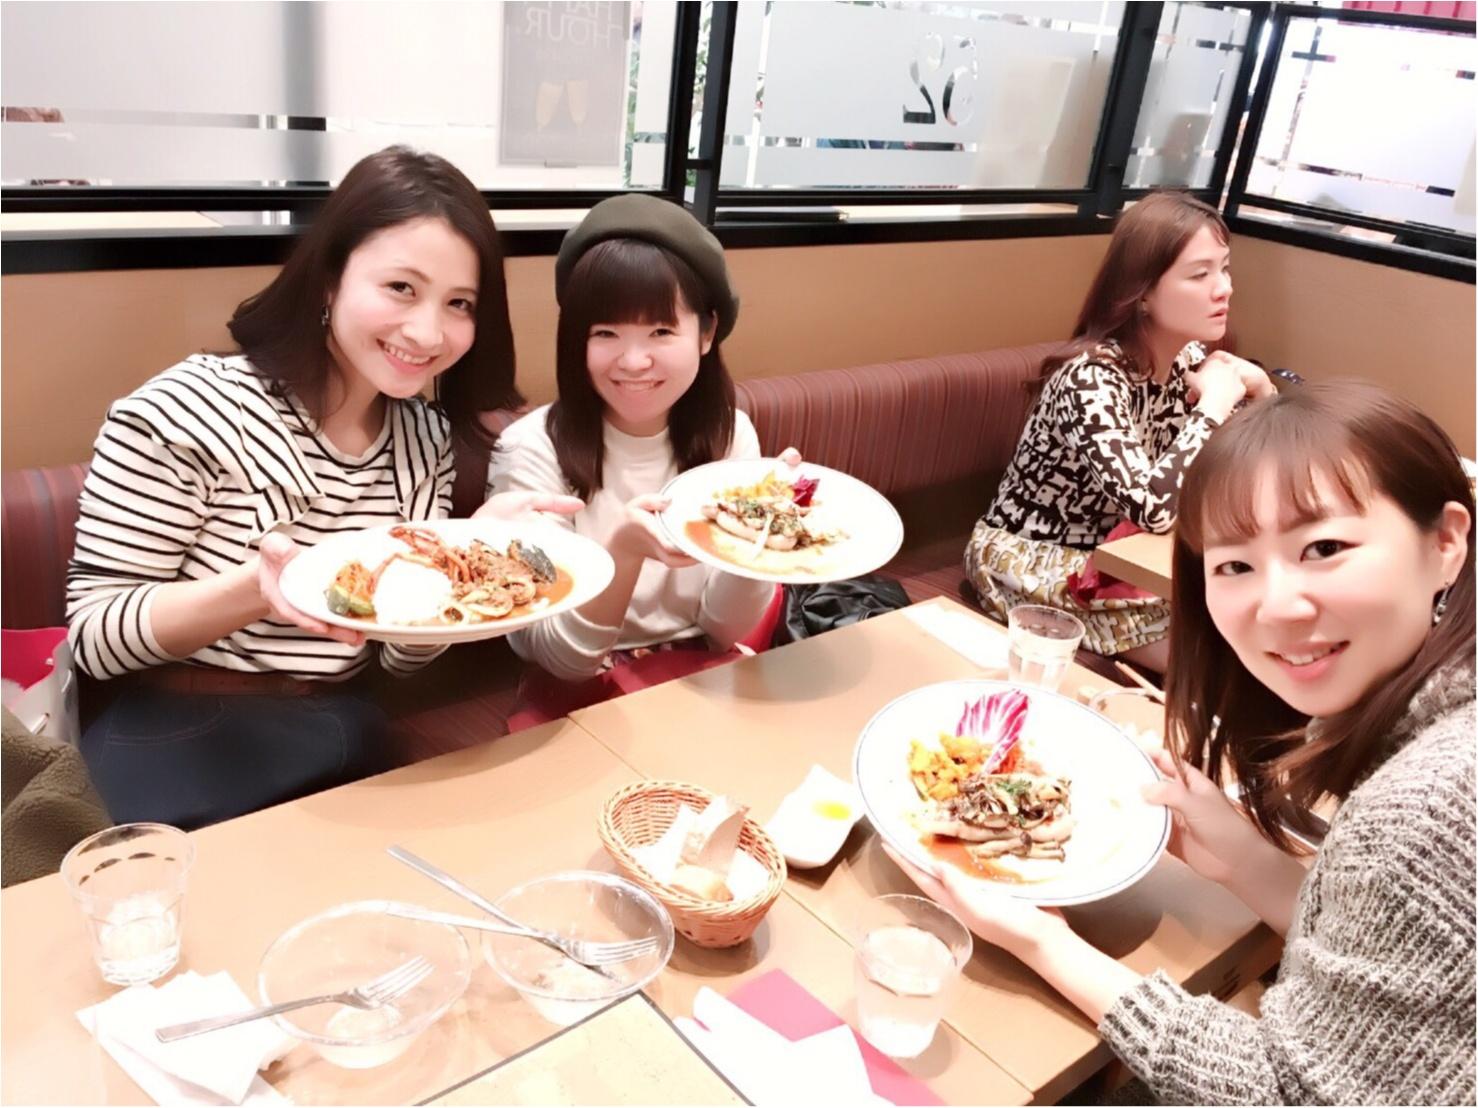 私のとある土曜日の過ごし方。【話題のあの店】日本で初めてのフレンチトースト専門店!_1